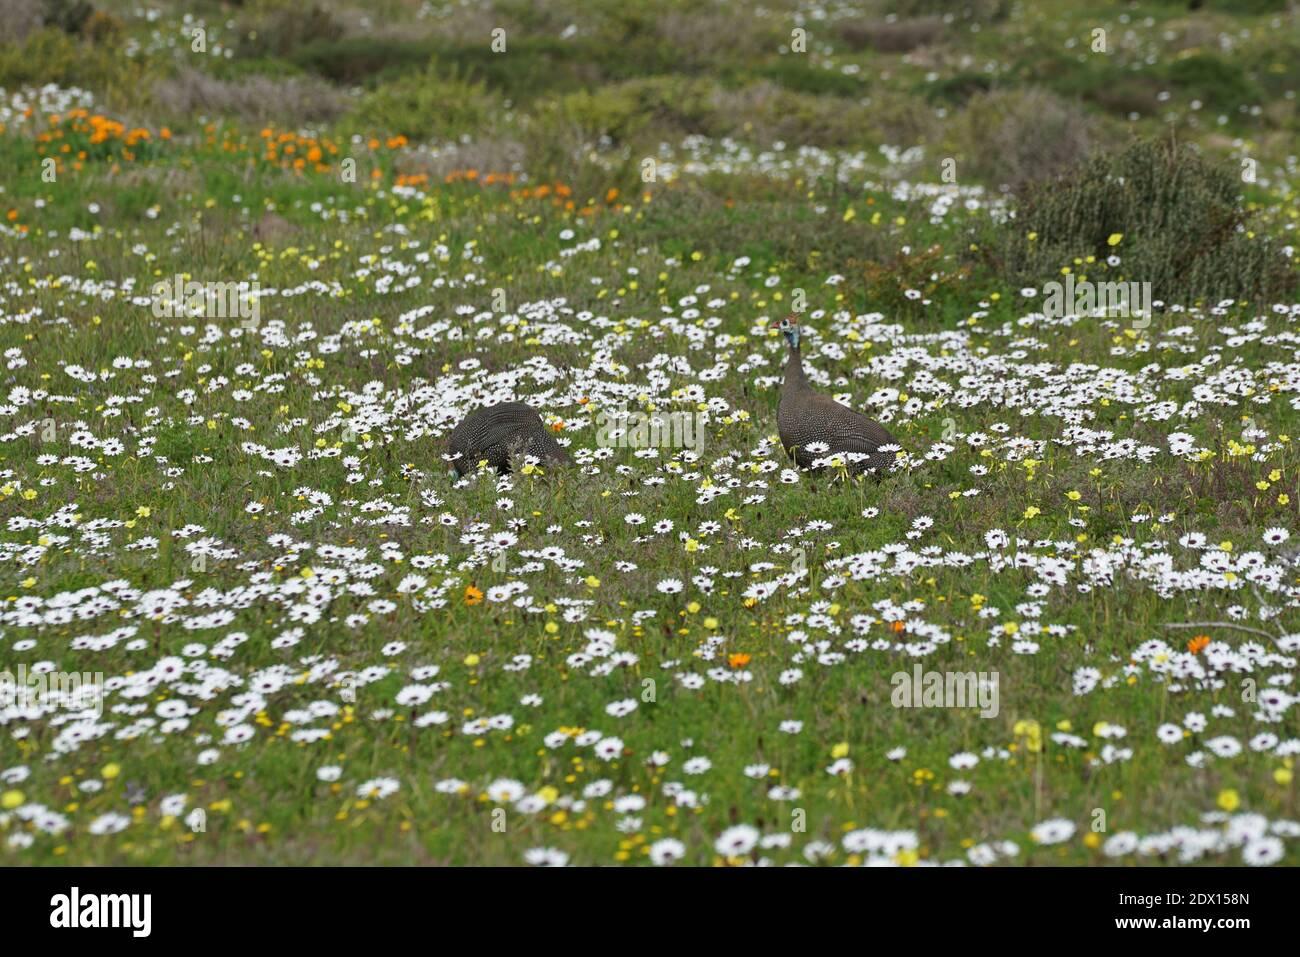 Vista de plantas de flores blancas en el campo Foto de stock